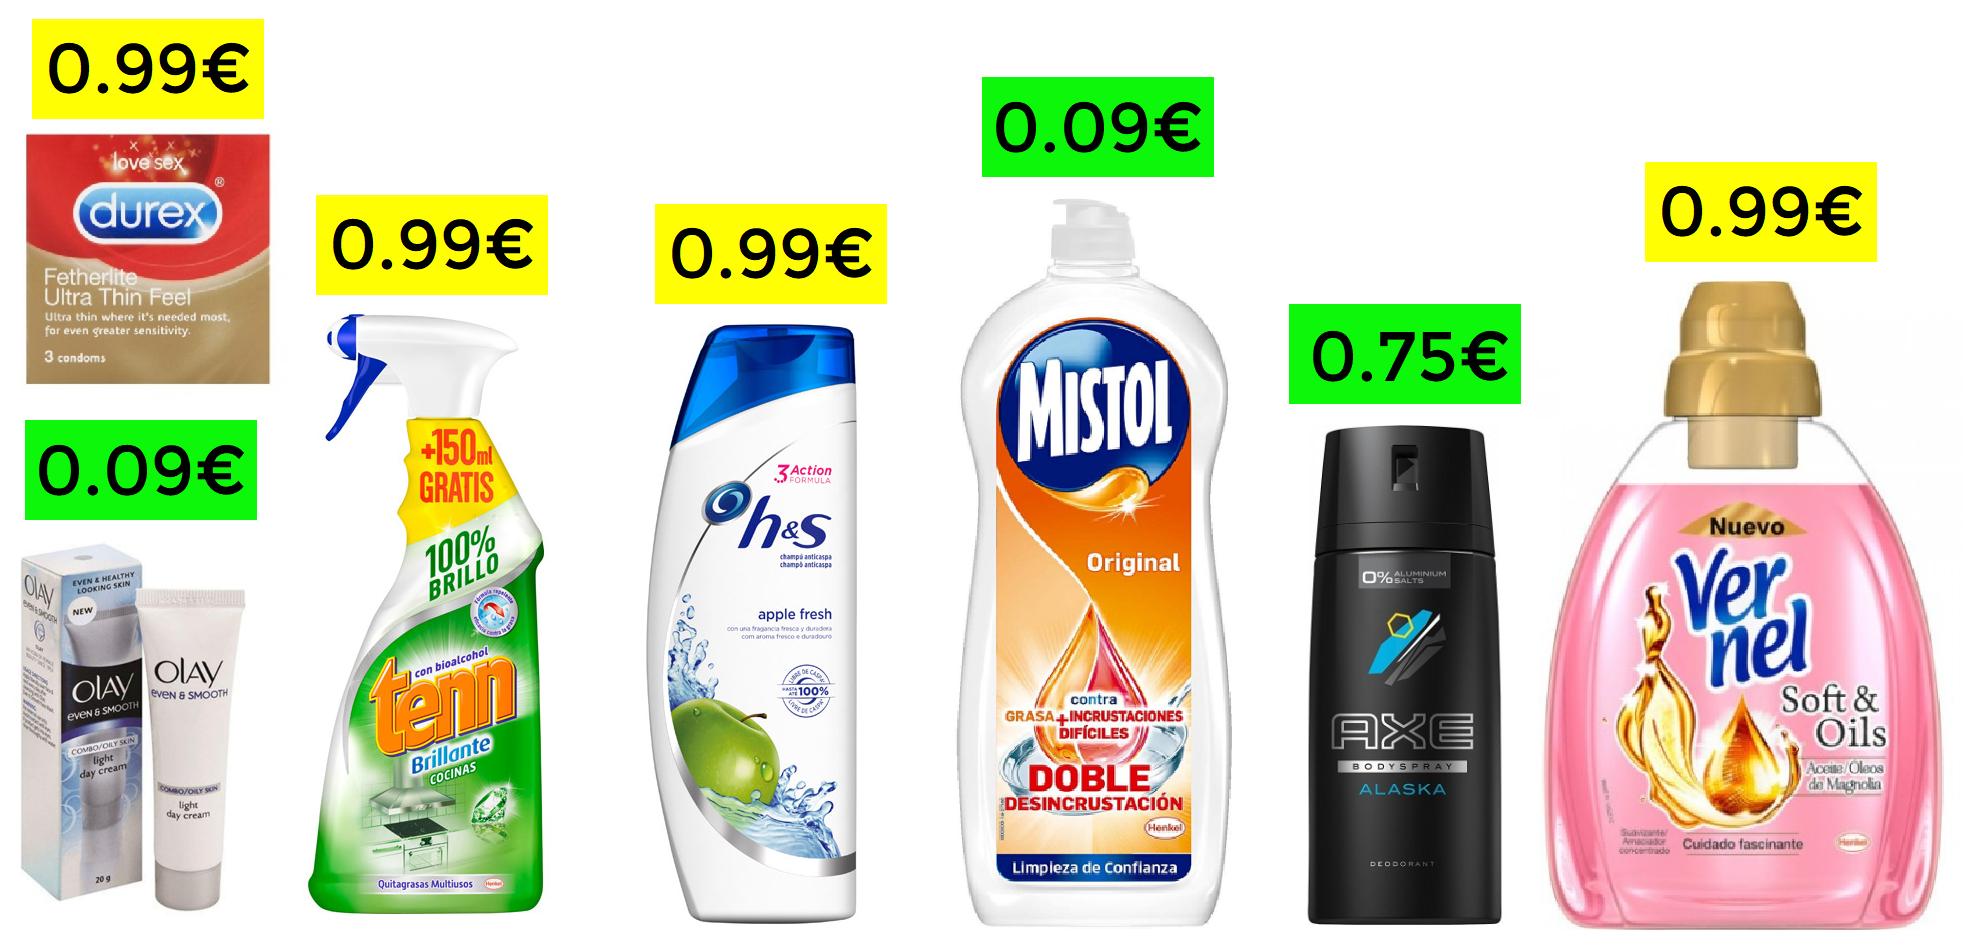 Más de 130 productos de Super a menos de 1€